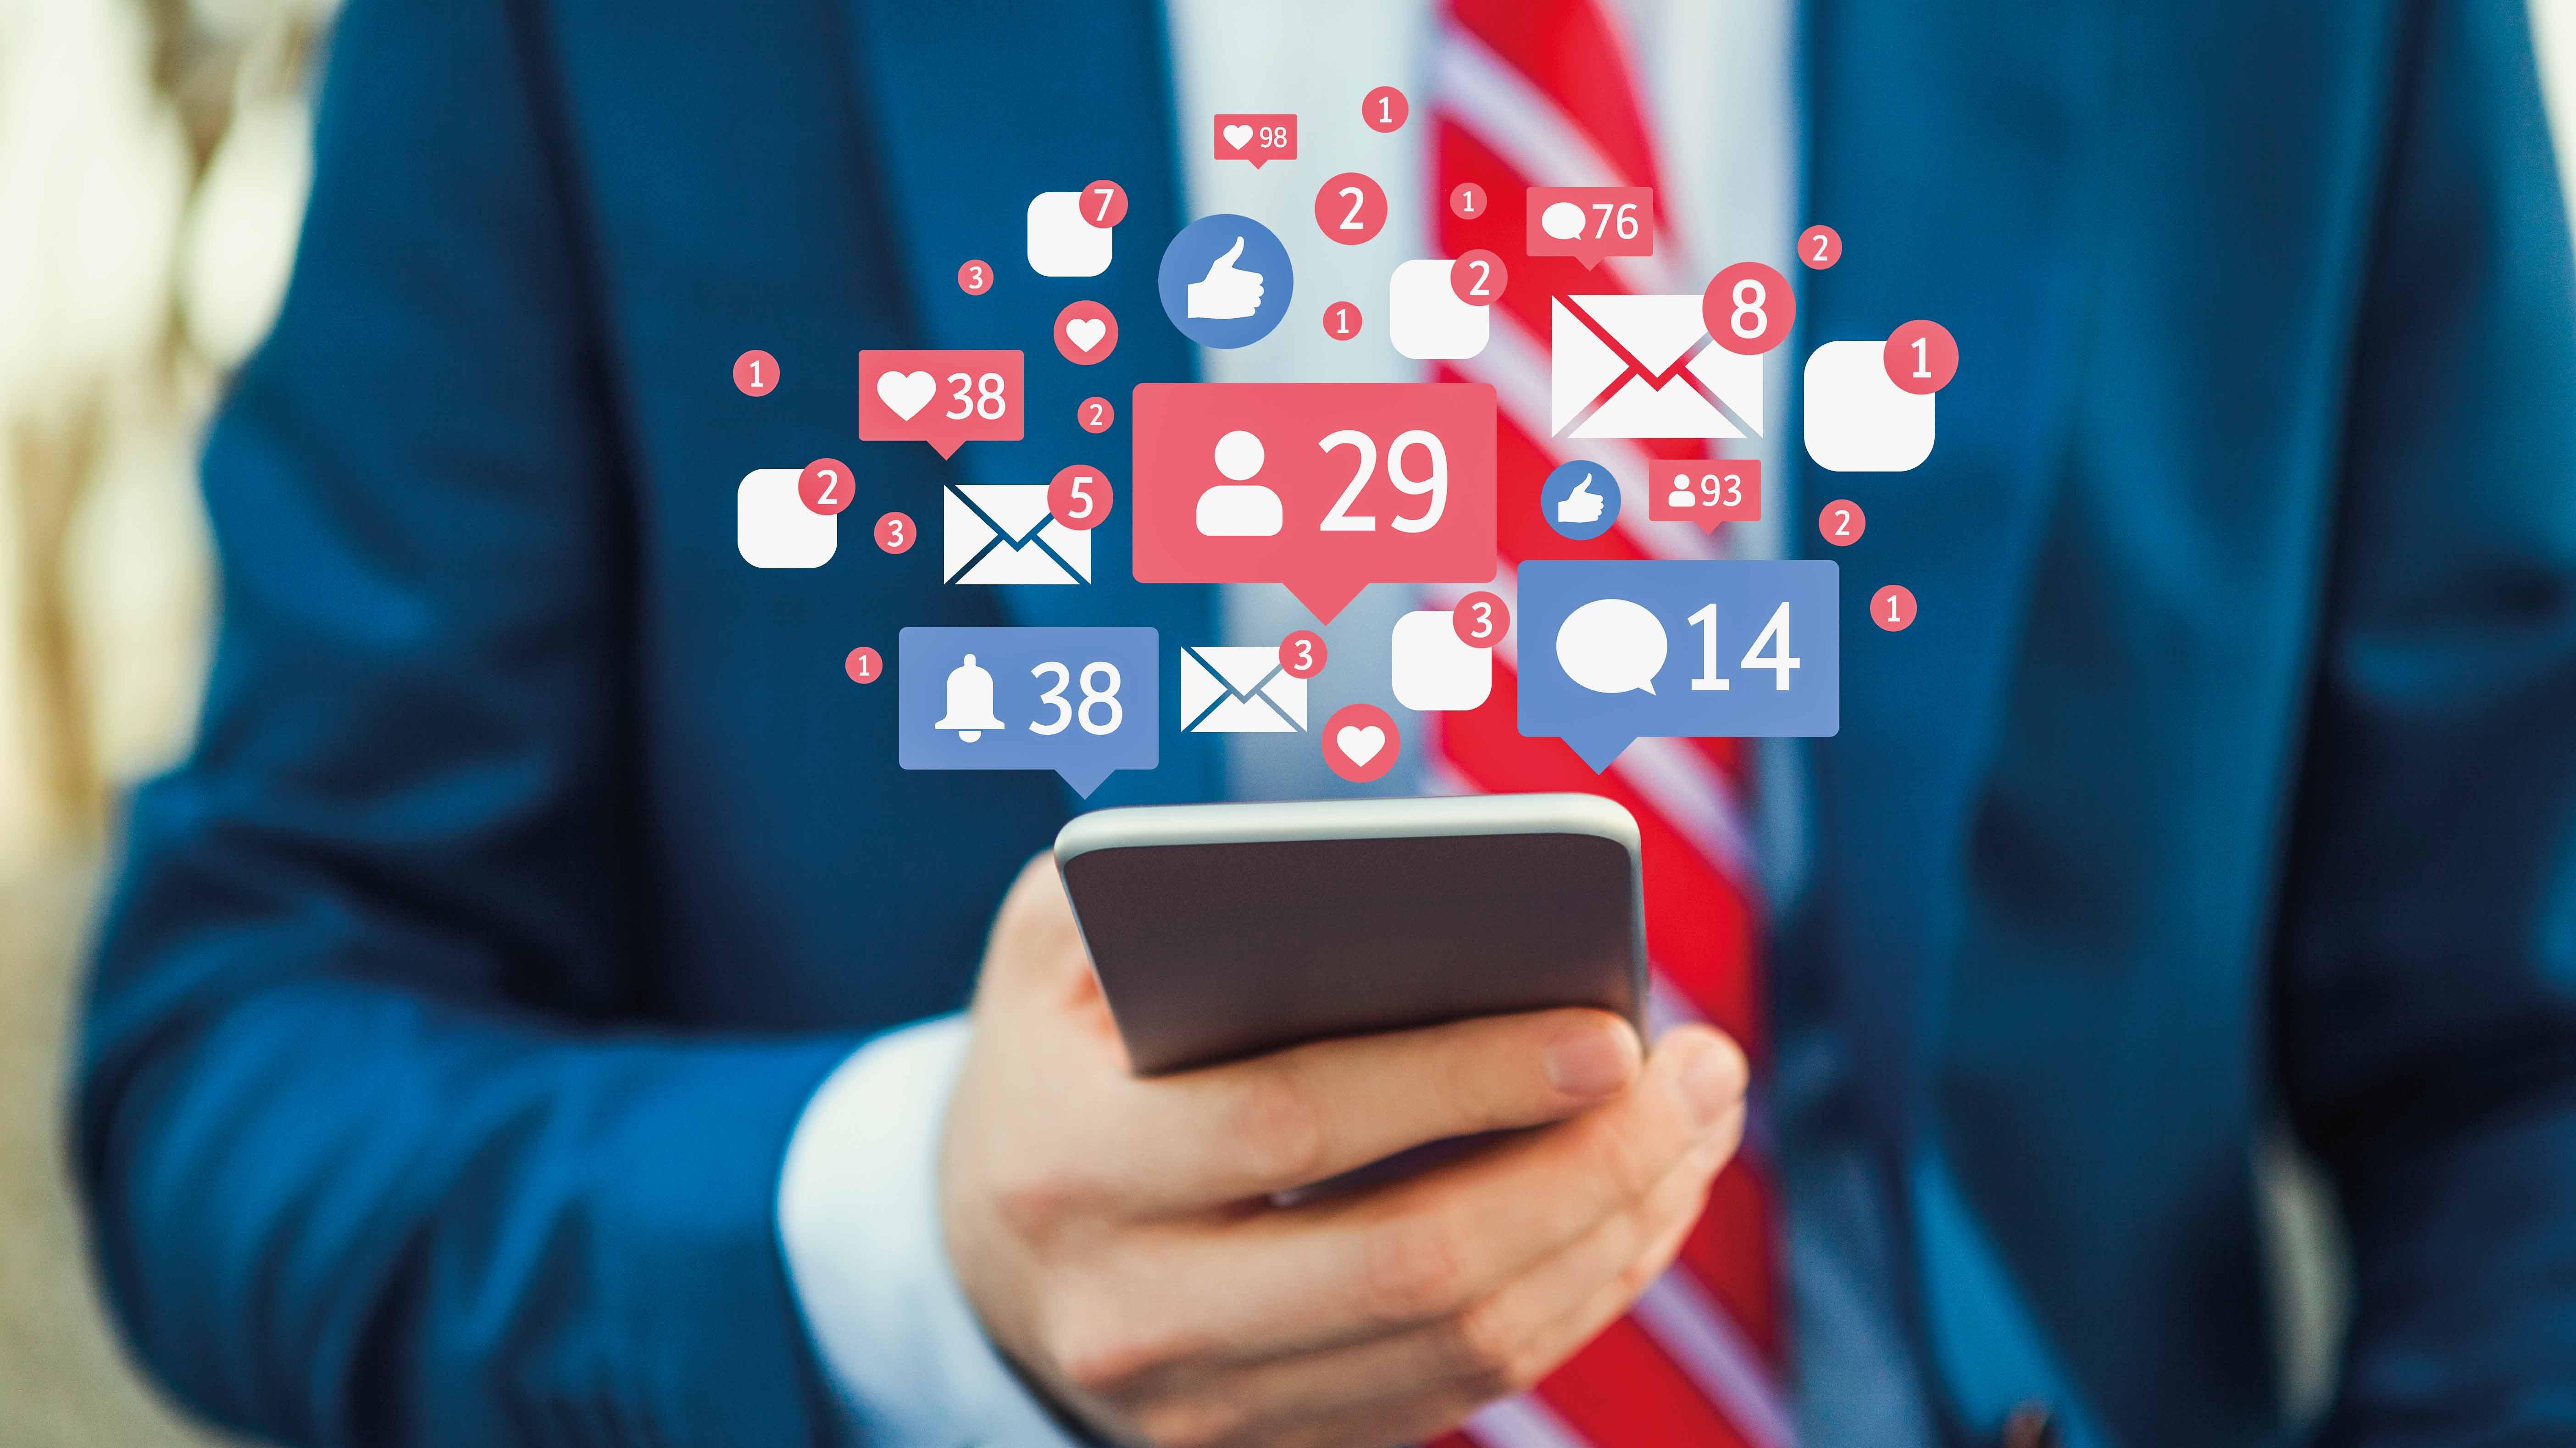 Covid-19 y redes sociales: los CEO buscan más engagement y credibilidad